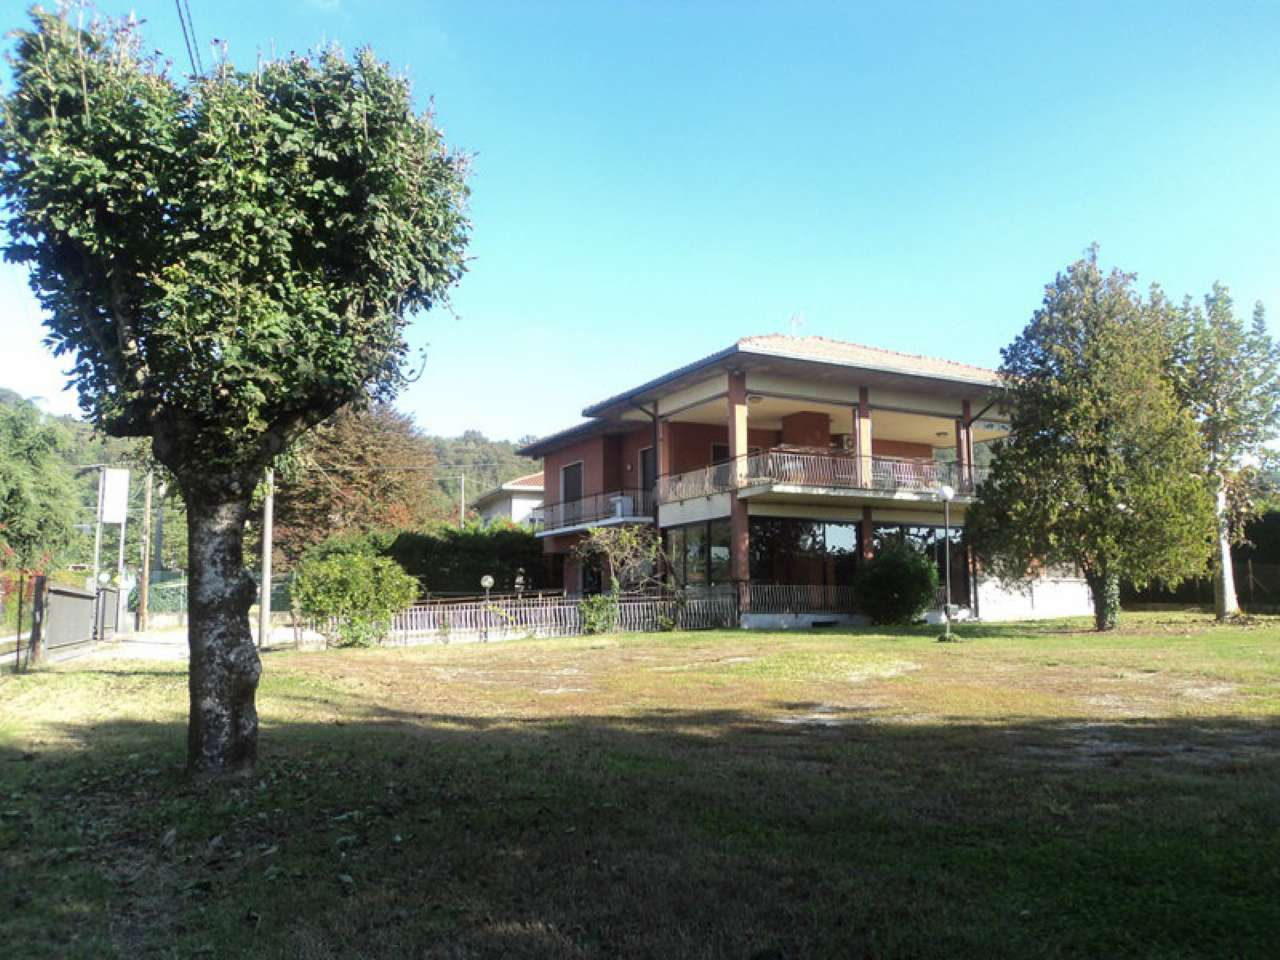 Villa in vendita a Sesto Calende, 5 locali, prezzo € 398.000 | CambioCasa.it